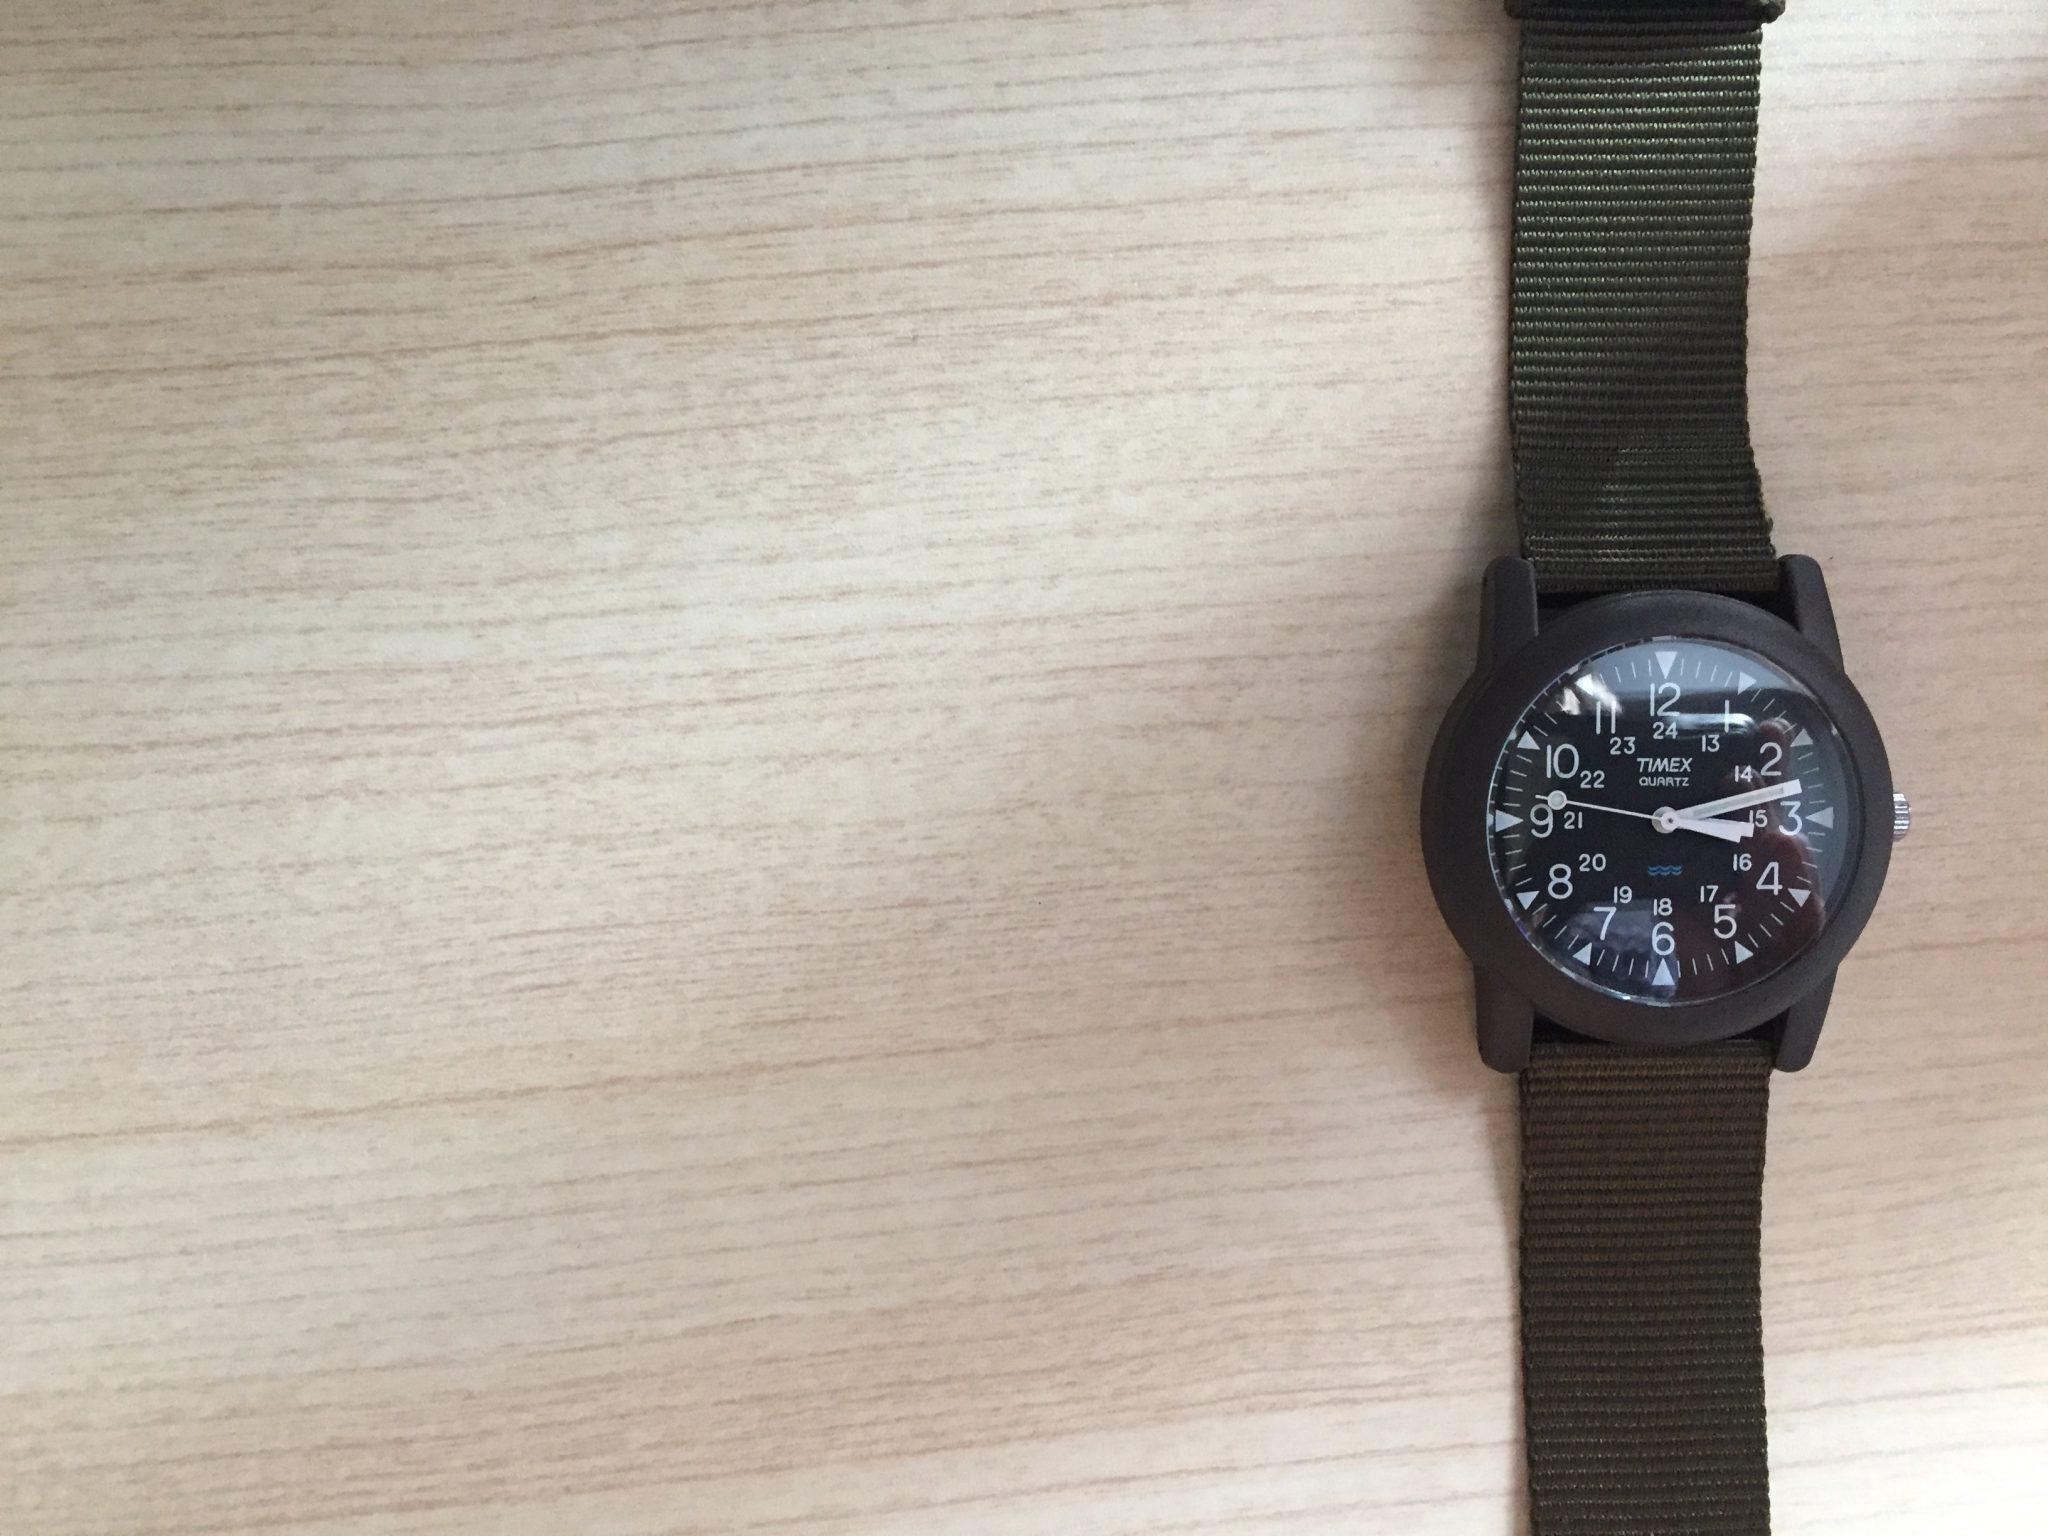 Timex Camper(タイメックス キャンパー)|チープに気軽にどこへでもつけていける2ndウォッチを購入しました